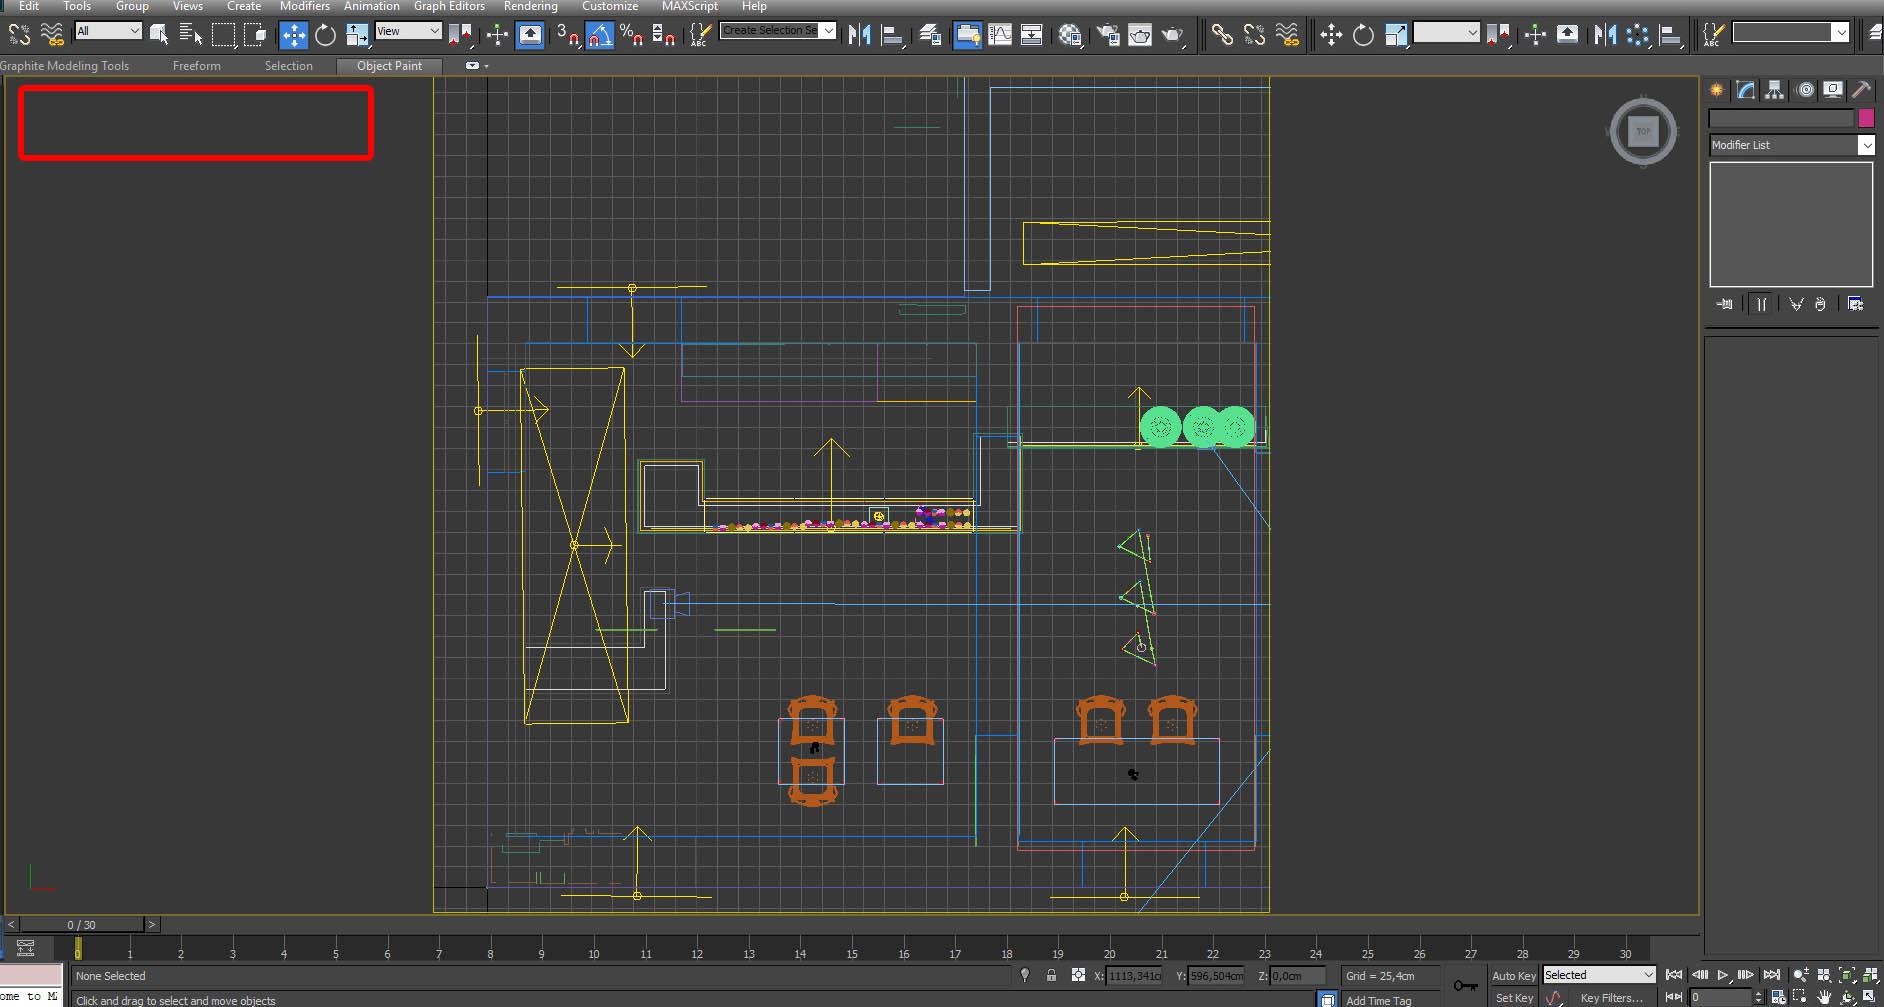 screenshot.jpg.2b28aa9ef2217feab08bc6780cae5090.jpg